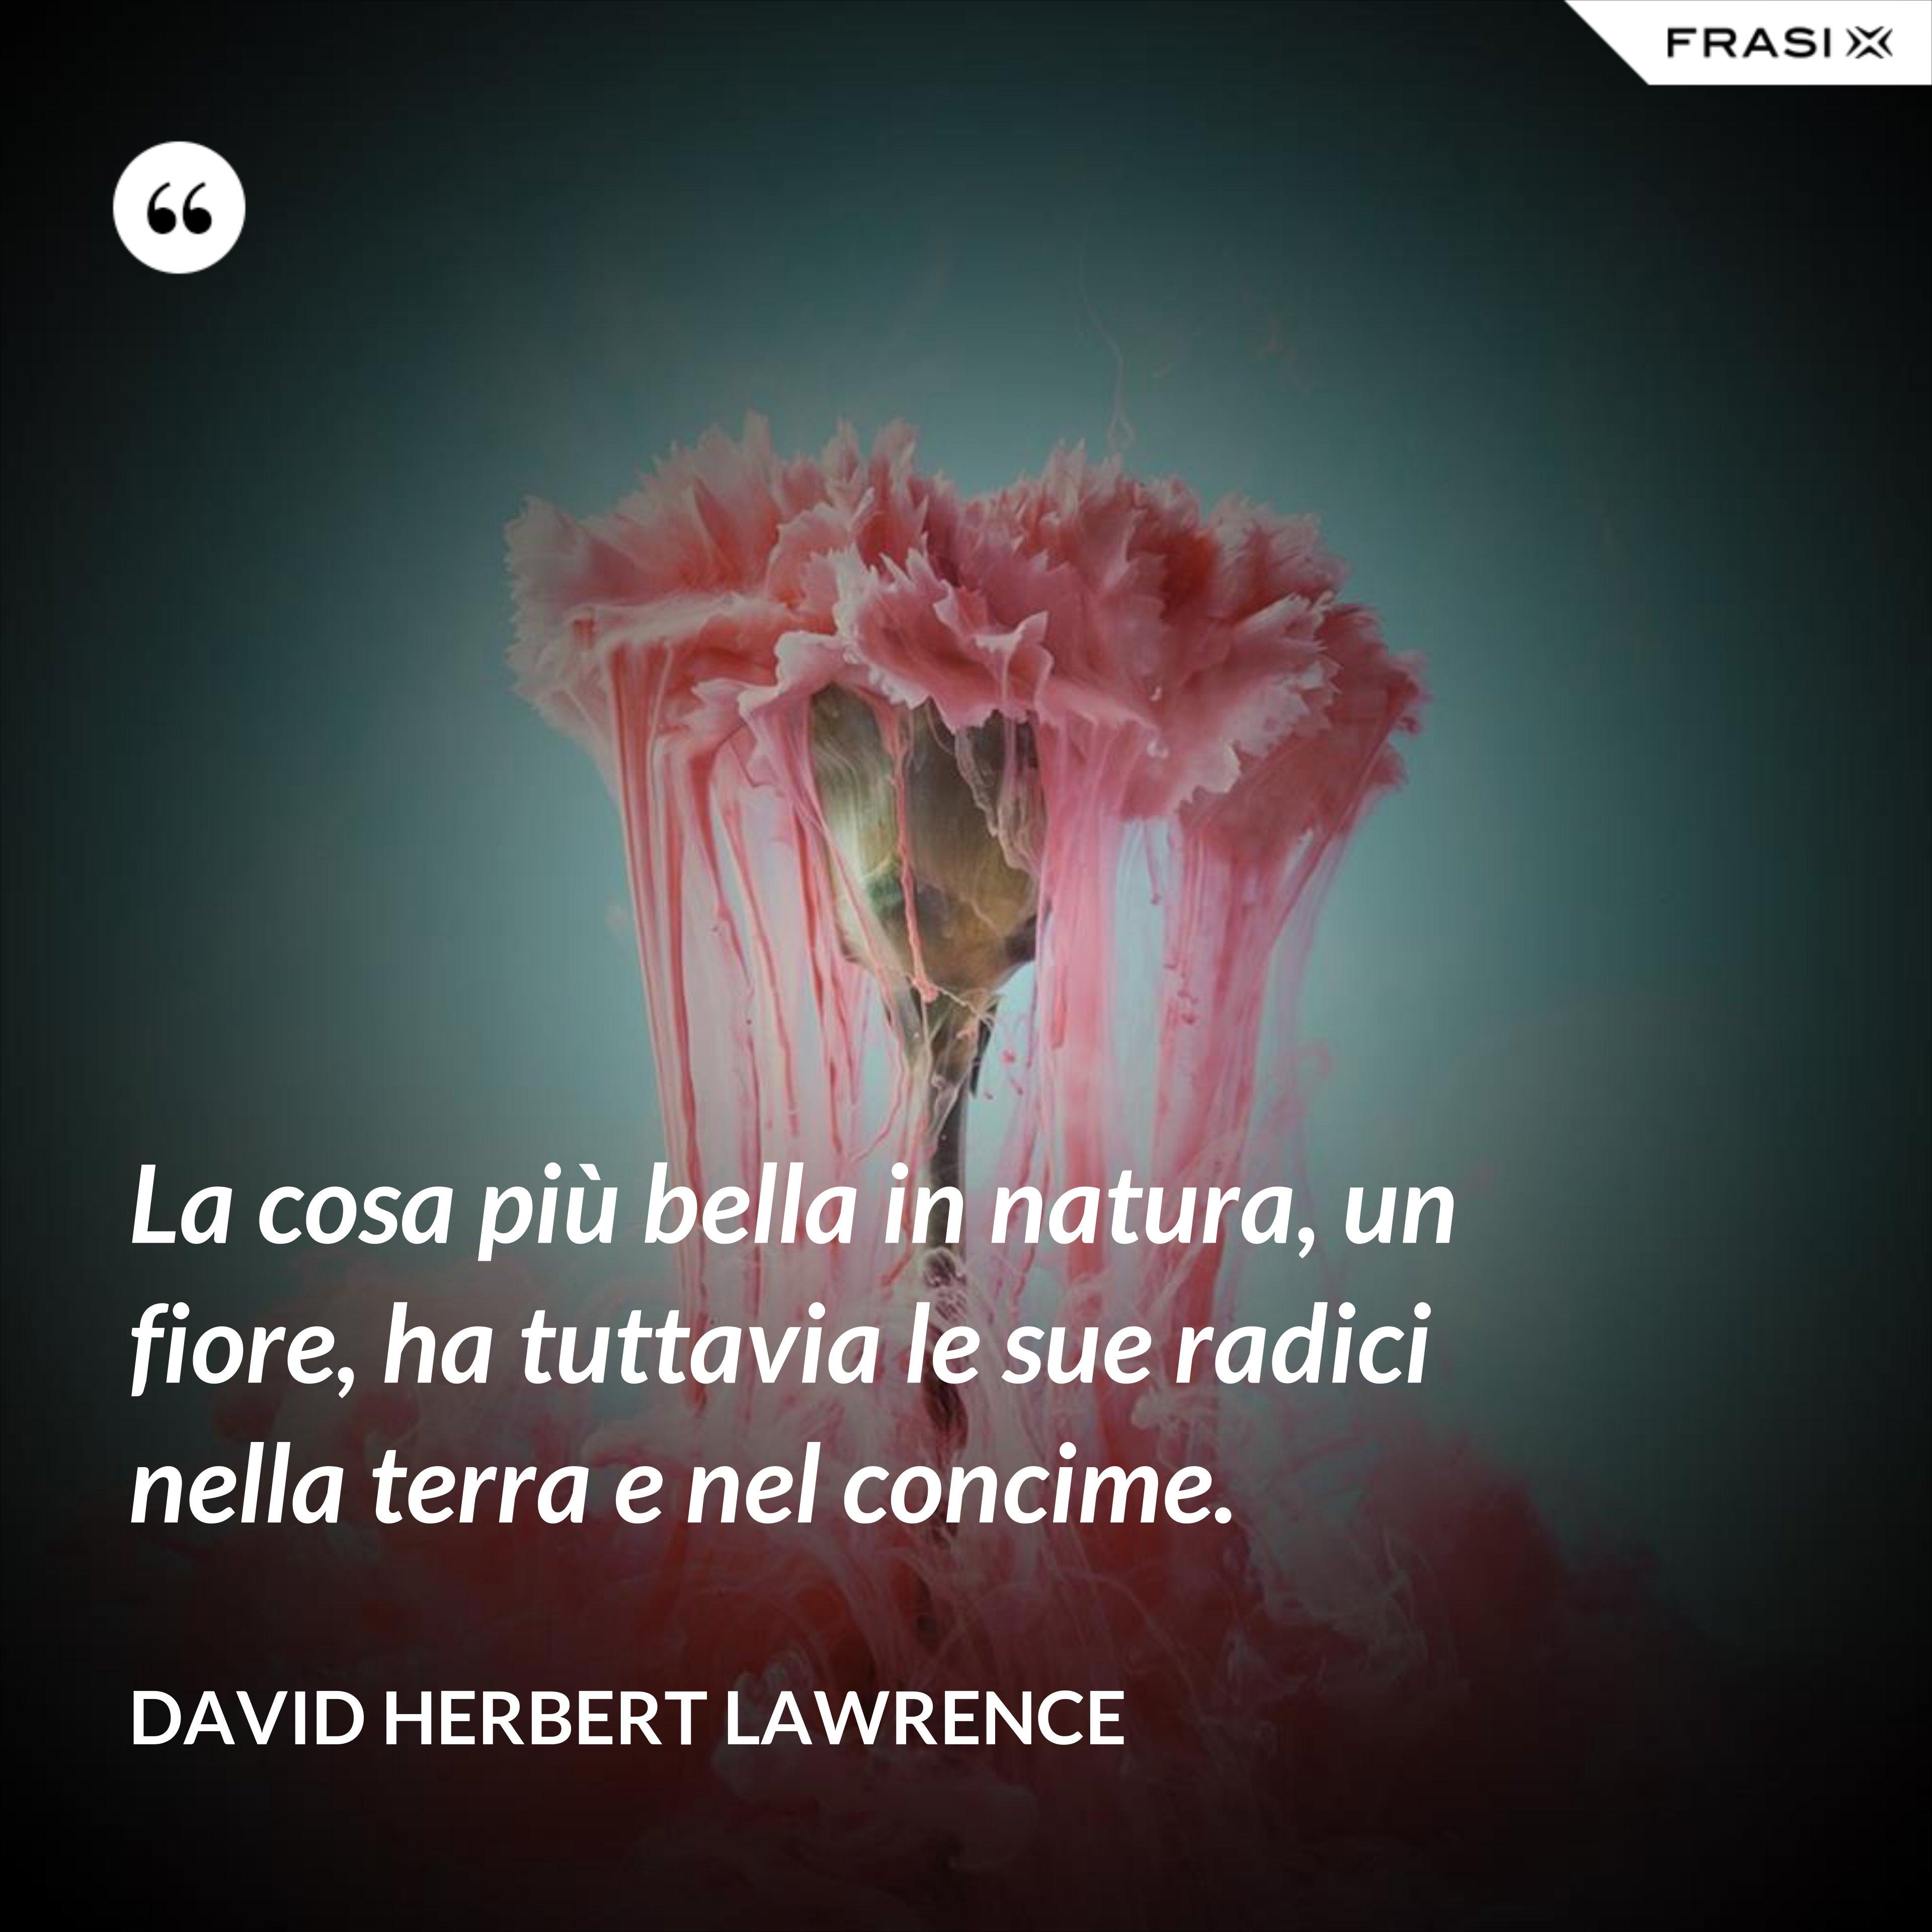 La cosa più bella in natura, un fiore, ha tuttavia le sue radici nella terra e nel concime. - David Herbert Lawrence